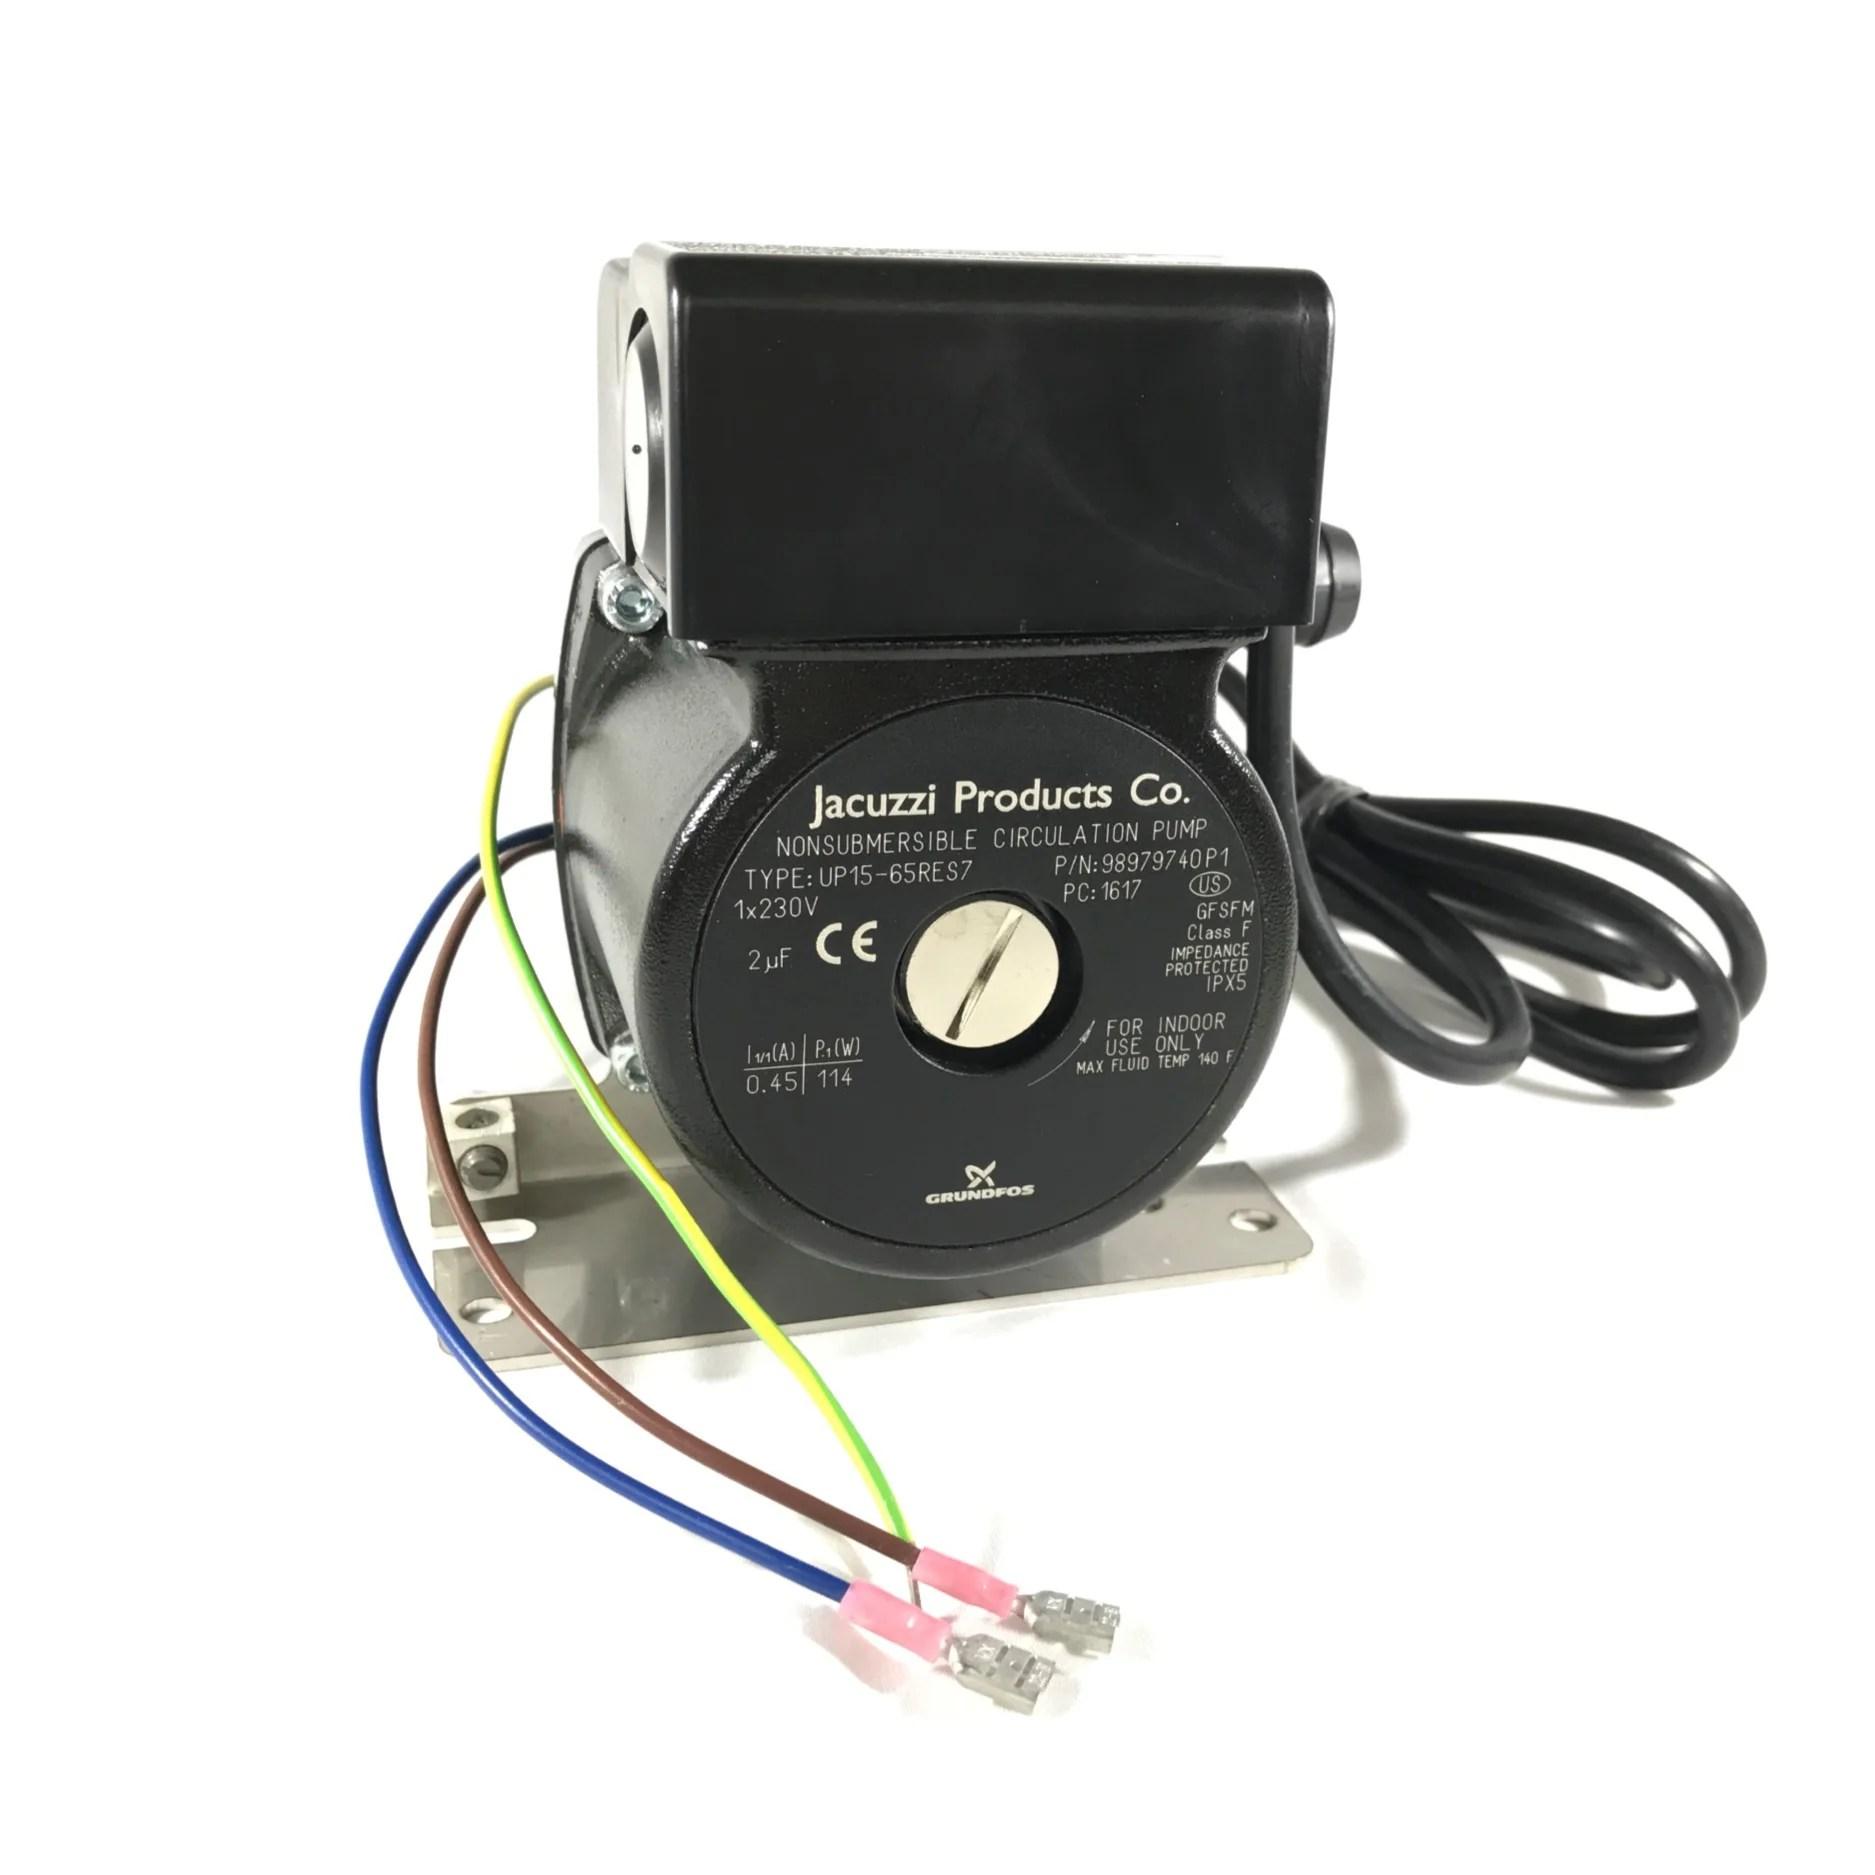 jacuzzi hot tub circulation pump 240vac 50hz part no 6000 125 [ 1875 x 1875 Pixel ]